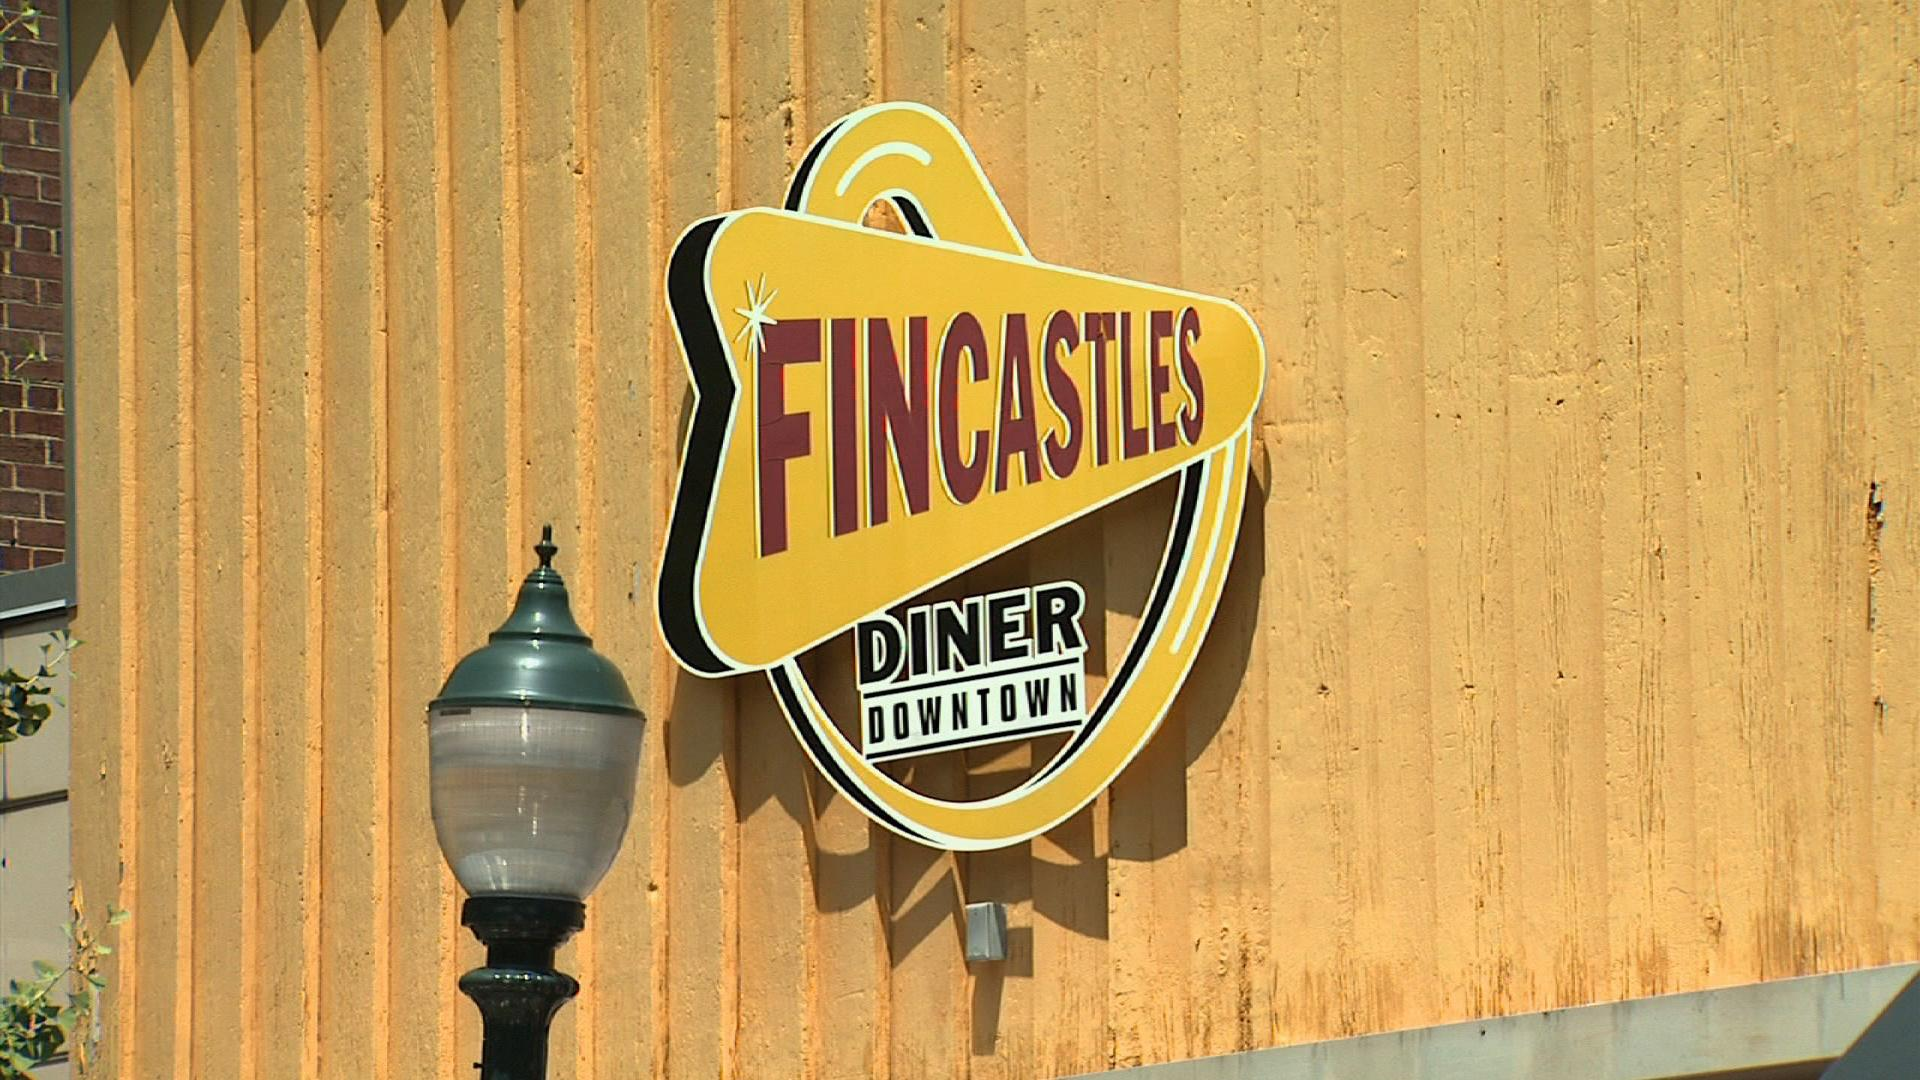 Fincastle's Diner image